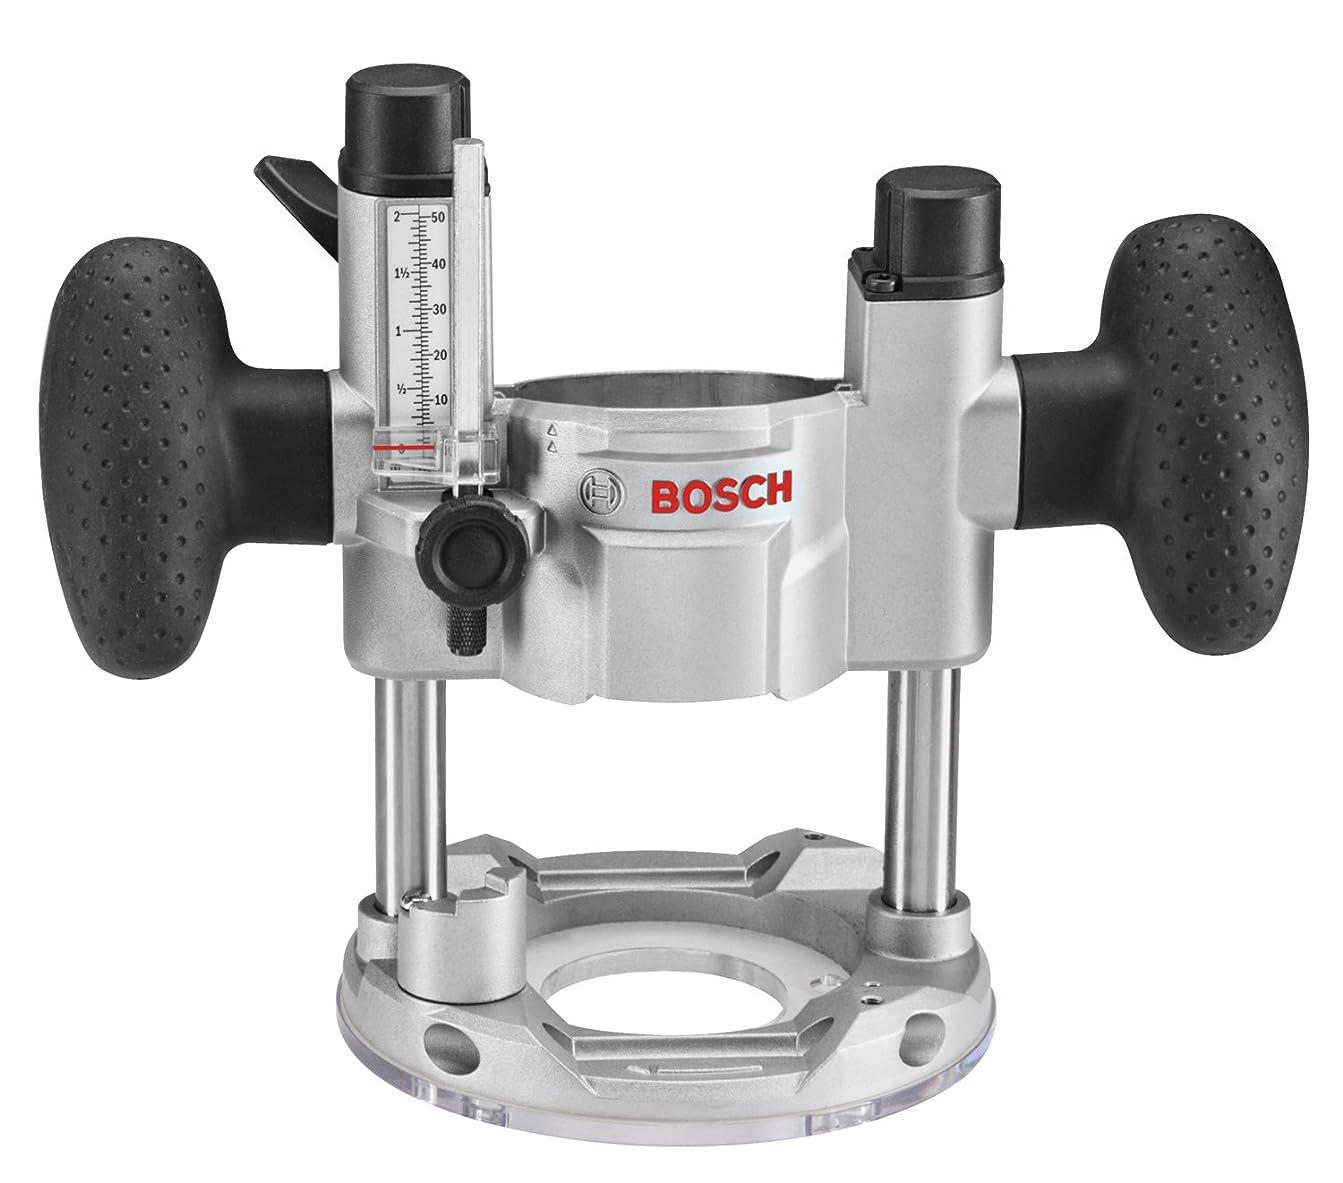 入場カフェ賢いボッシュ Bosch PR011 コルトルータープランジベース